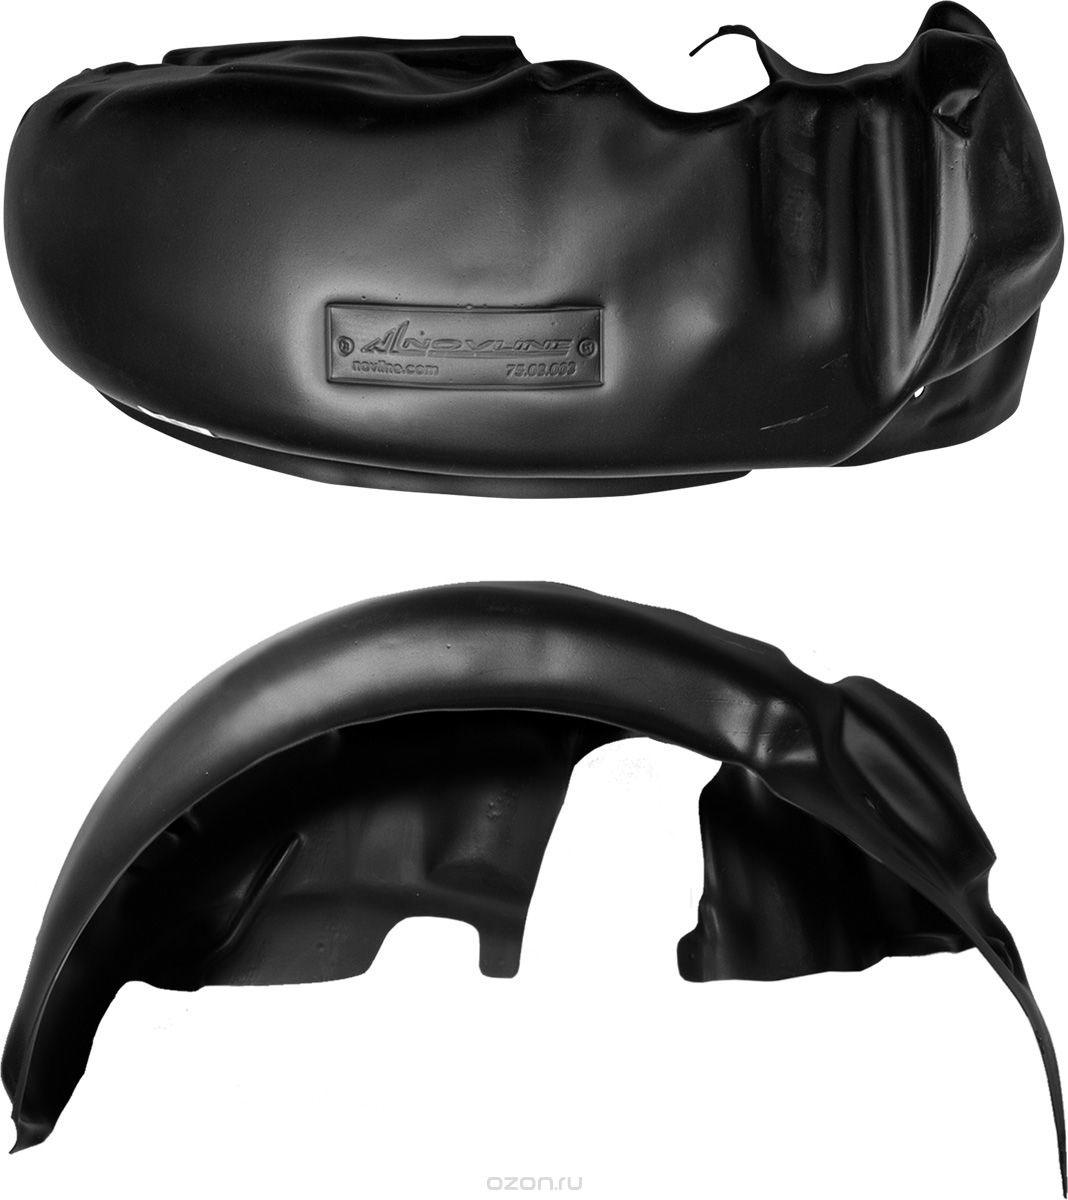 Подкрылок Novline-Autofamily, для TOYOTA Corolla , 2013->, задний левый238000Идеальная защита колесной ниши. Локеры разработаны с применением цифровых технологий, гарантируют максимальную повторяемость поверхности арки. Изделия устанавливаются без нарушения лакокрасочного покрытия автомобиля, каждый подкрылок комплектуется крепежом. Уважаемые клиенты, обращаем ваше внимание, что фотографии на подкрылки универсальные и не отражают реальную форму изделия. При этом само изделие идет точно под размер указанного автомобиля.